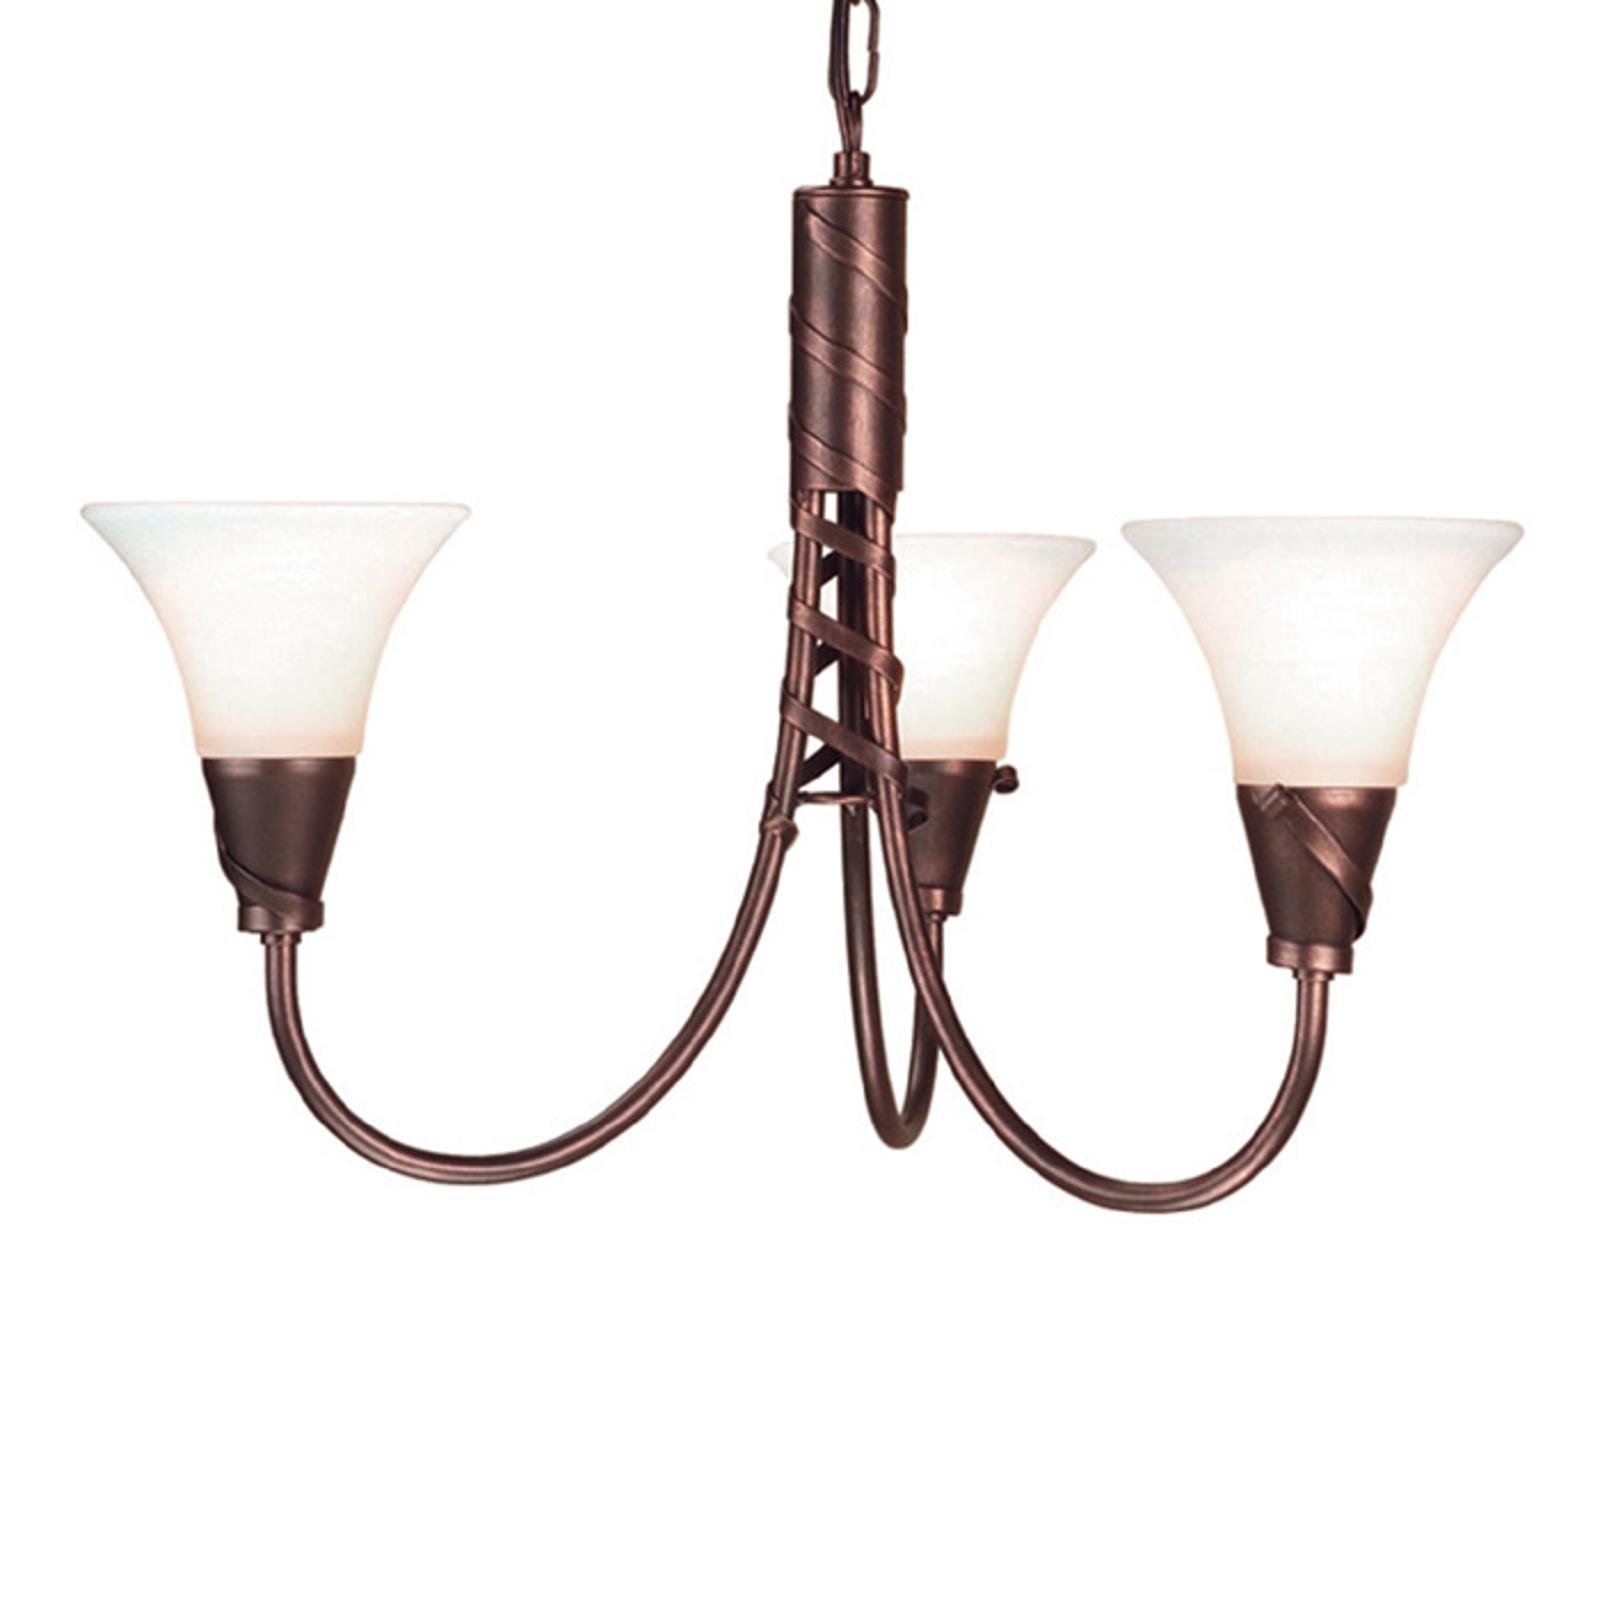 Ravissante suspension à 3 lampes EMILY